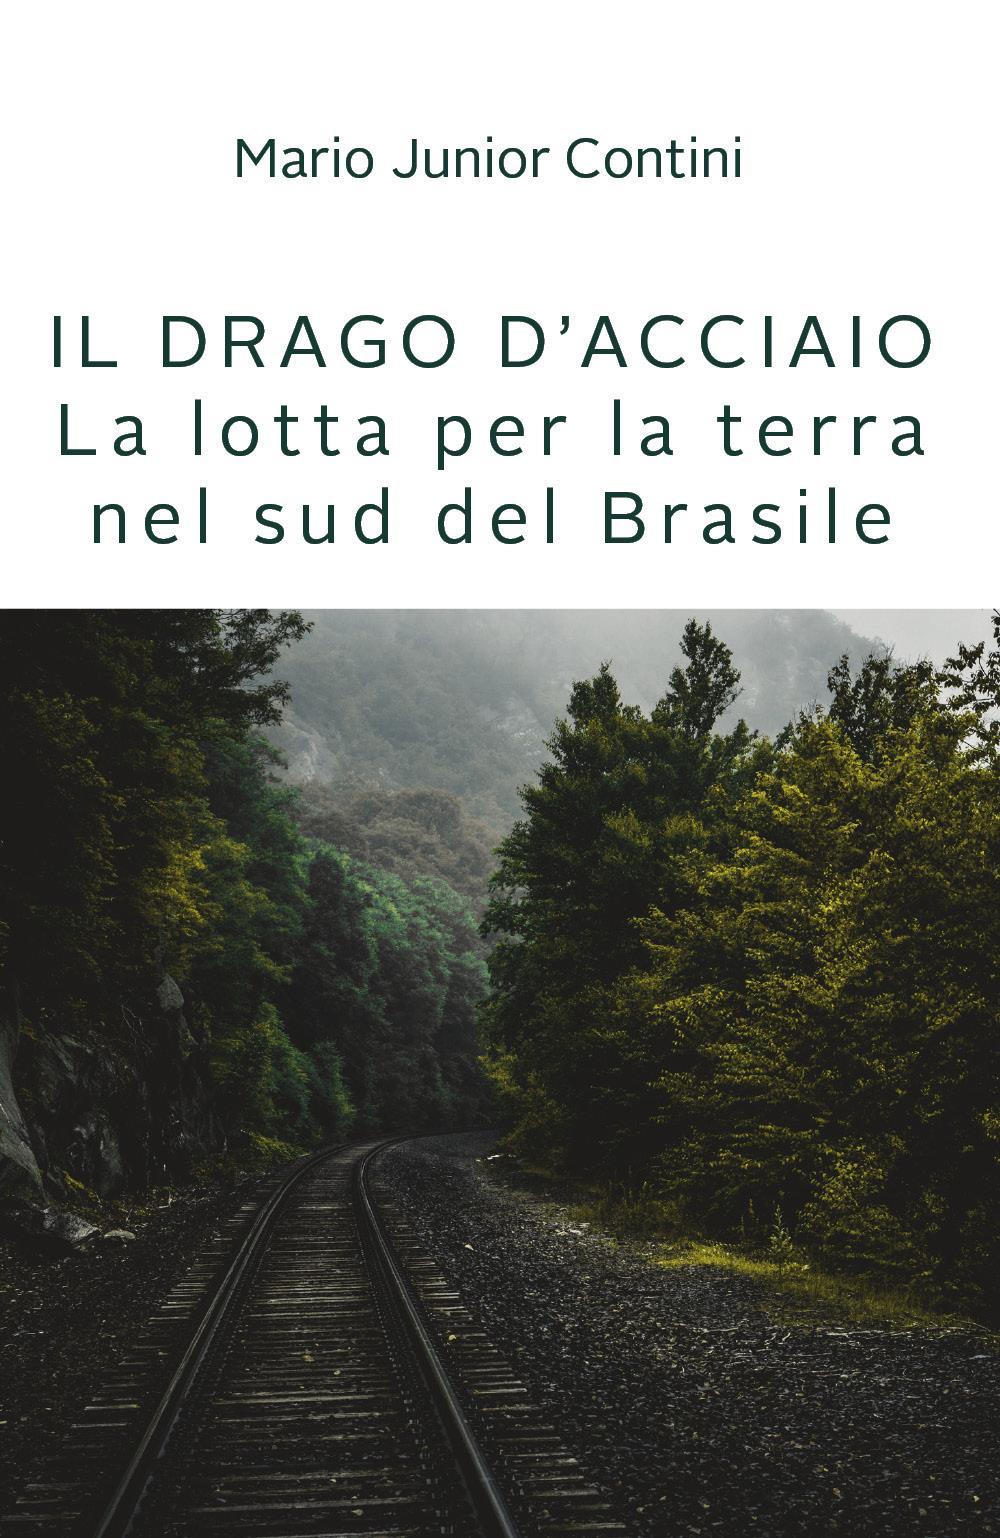 Il drago d'acciaio - Lotta per la terra nel sud del Brasile